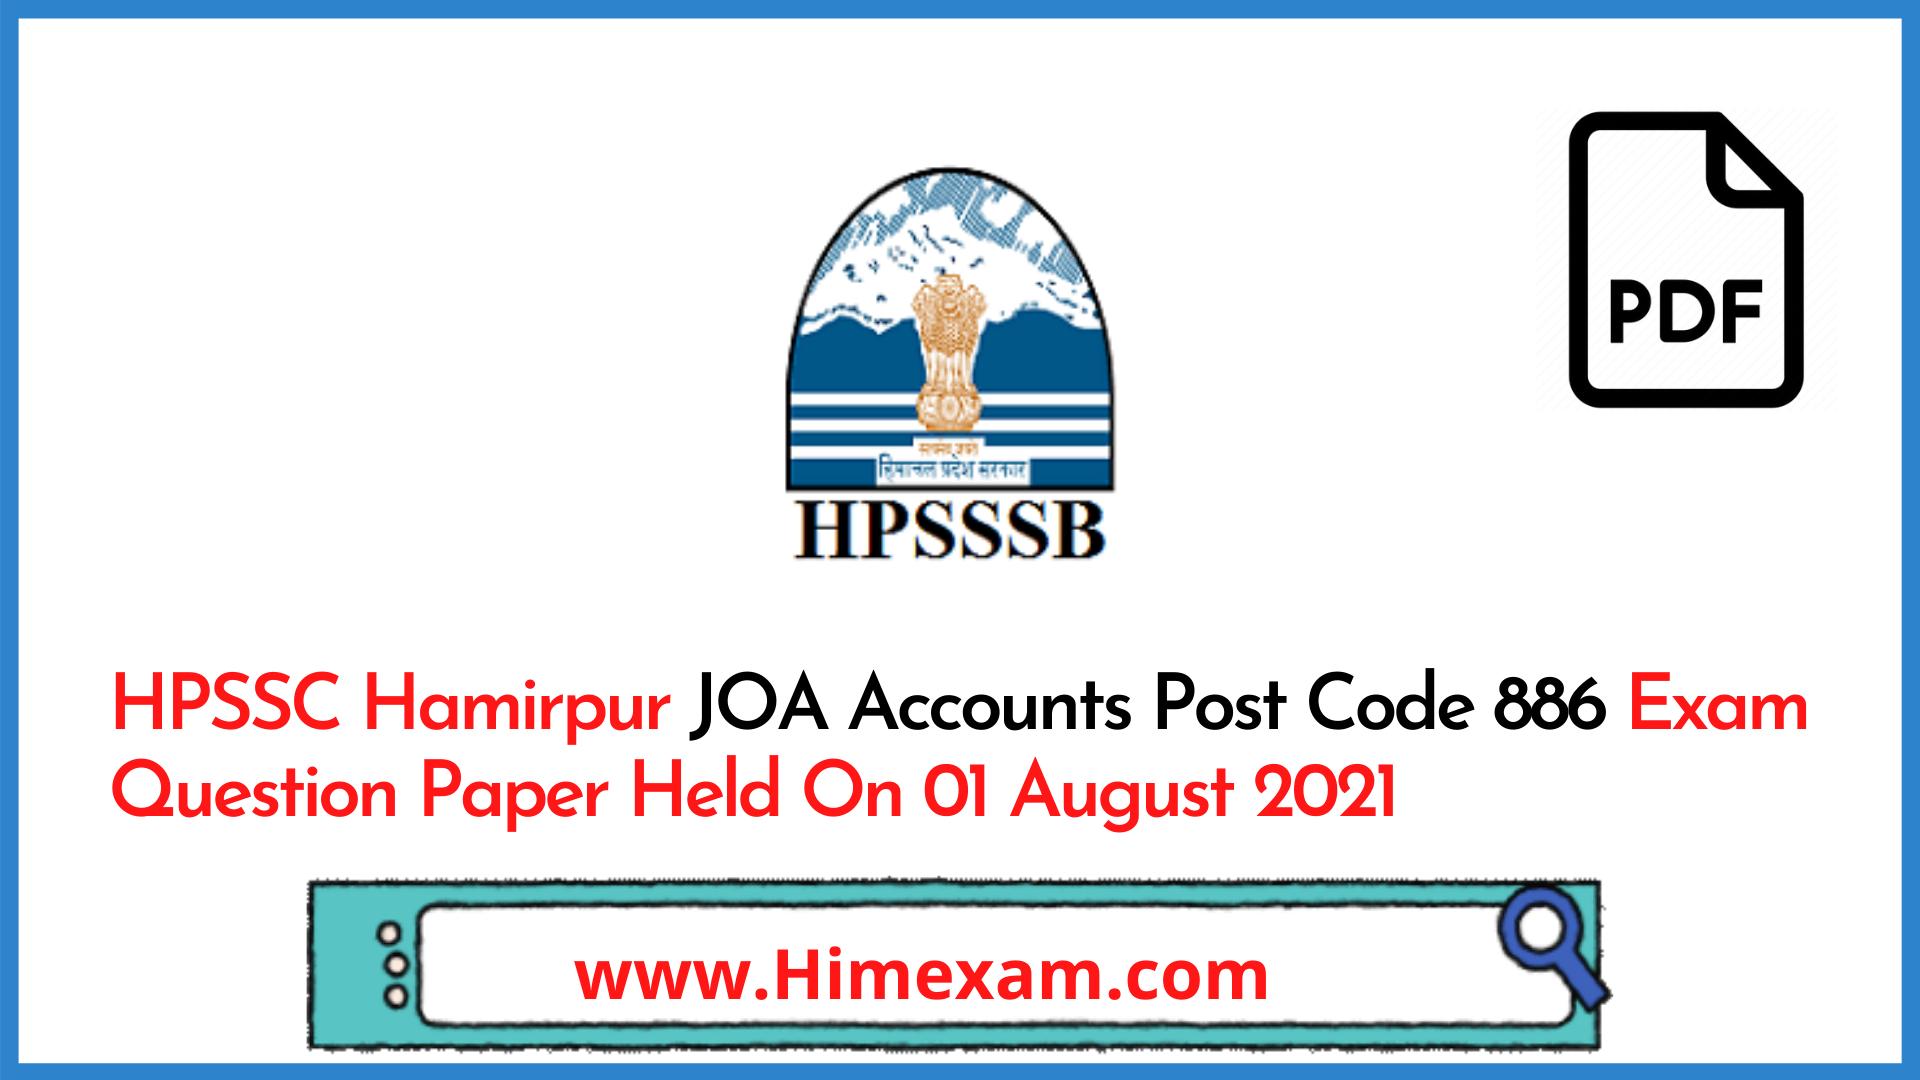 HPSSC Hamirpur JOA Accounts Post Code 886 Exam Question Paper Held On 01 August 2021